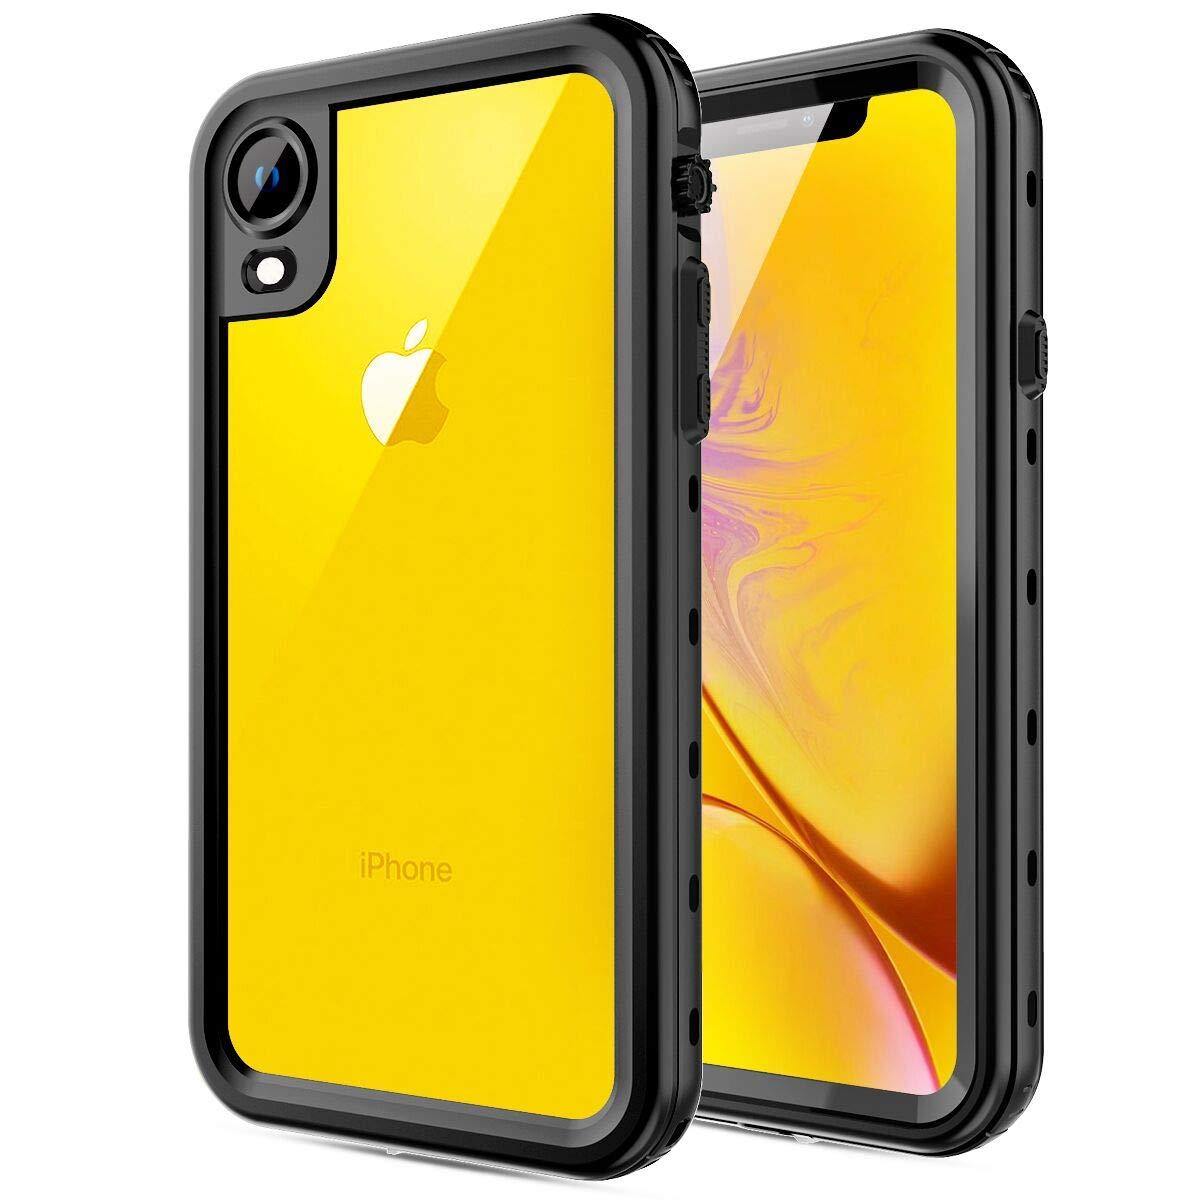 FXXXLTF iPhone XR Waterproof Case $13.49